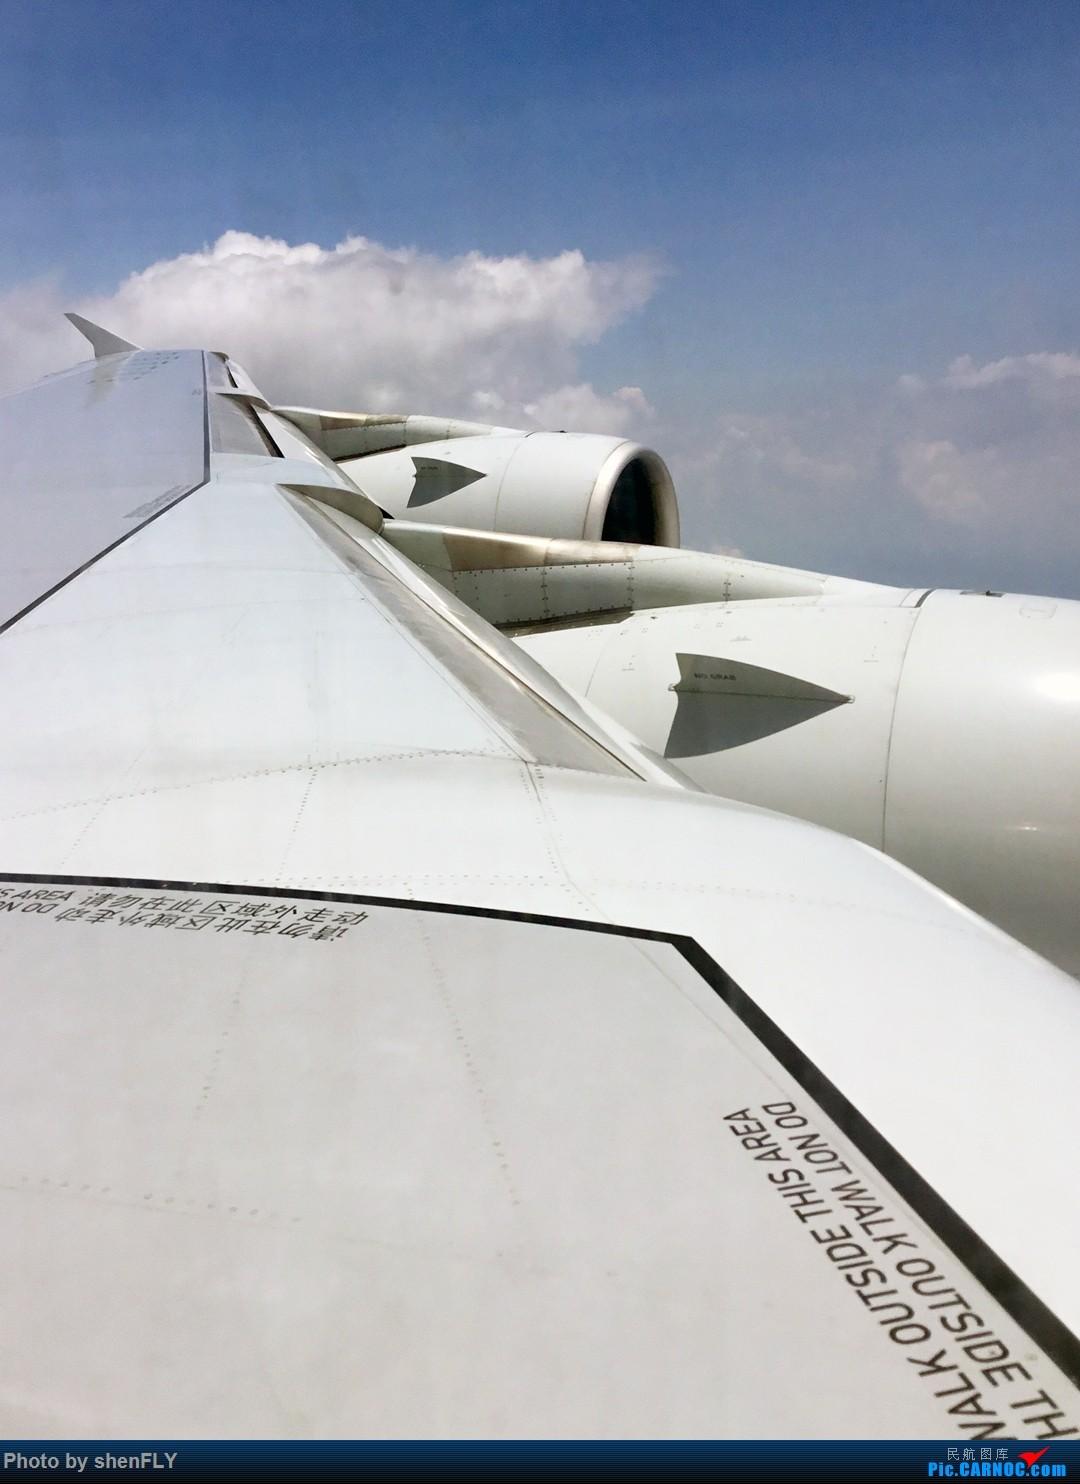 Re:[原创]***【南航A380】CZ3000 PEK-CAN 明星航班的超凡体验回忆 *** AIRBUS A380 B-6139 中国广州白云国际机场